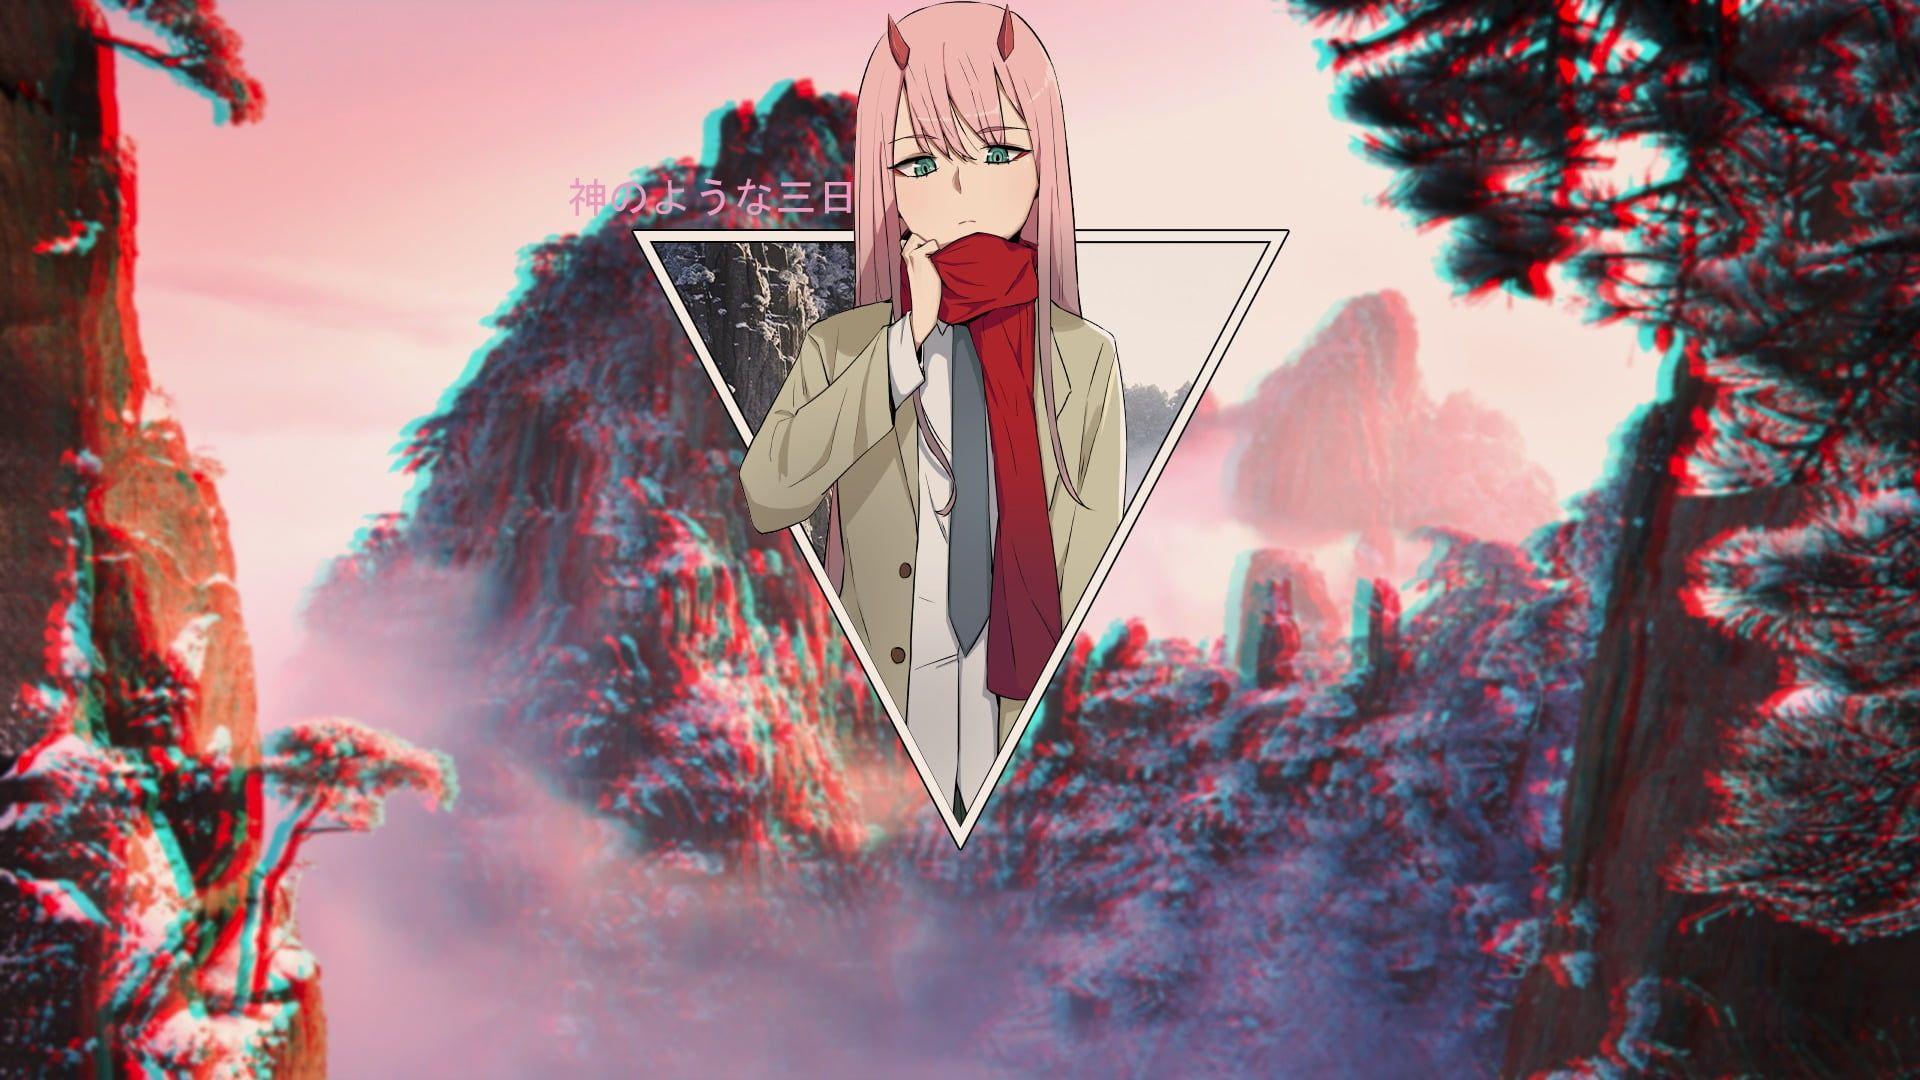 Zero Two Zero Two Darling In The Franxx Darling In The Franxx Picture In Picture Blurred 1080p Wallpaper Hd Anime Wallpaper Anime Wallpaper Iphone Anime